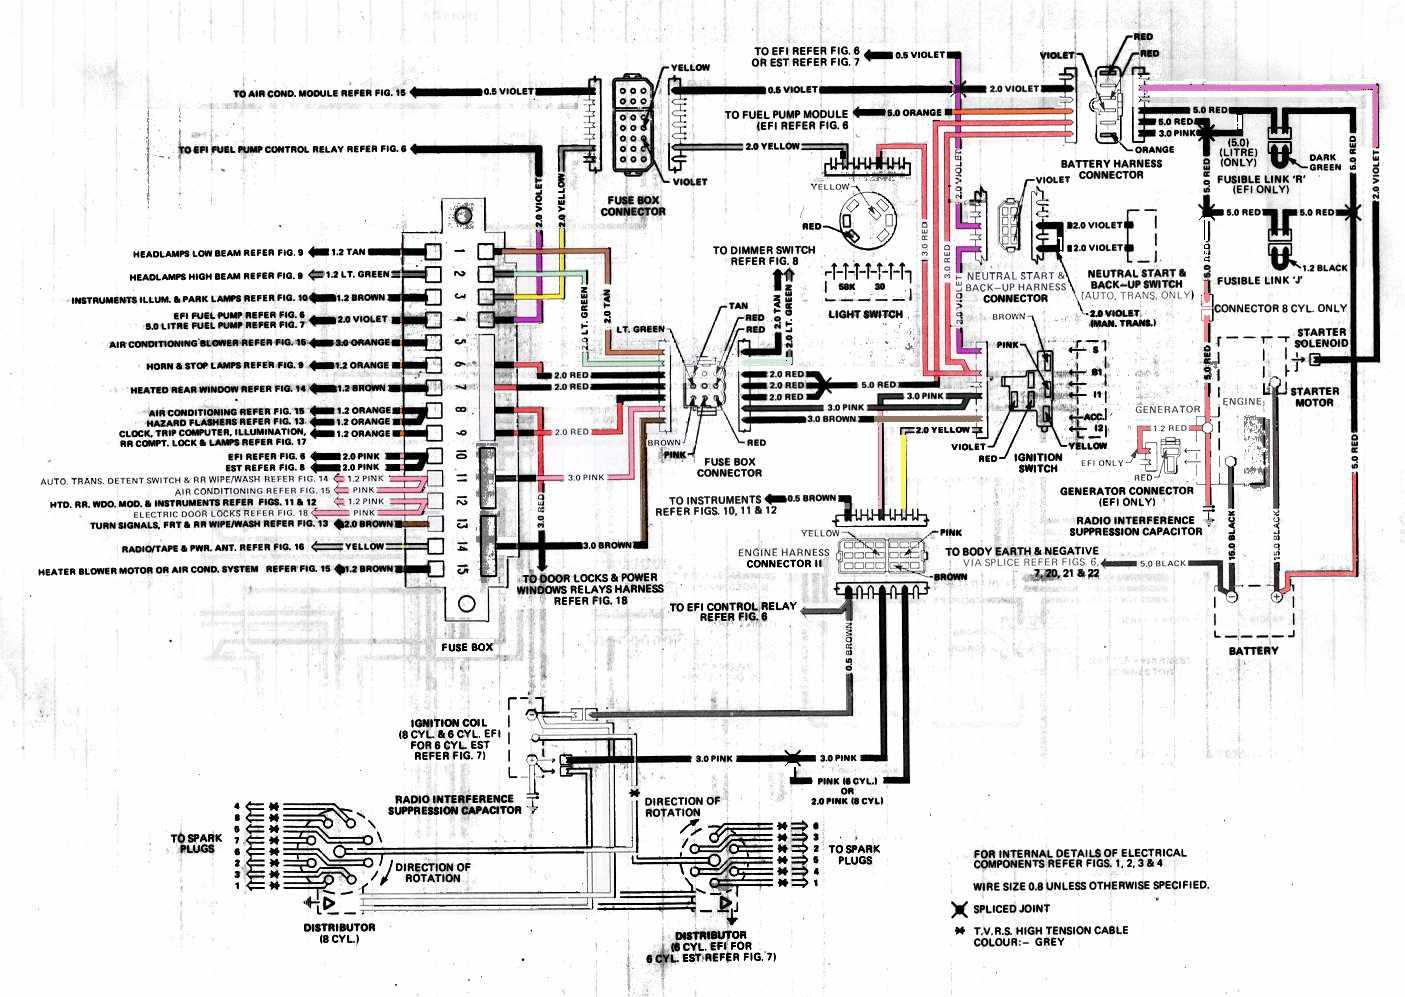 Onan emerald generator wiring diagram free download free download stunning onan generator engine diagram images best image engine onan rv generator wiring diagram onan rv generator wiring onan generator wiring diagram asfbconference2016 Images